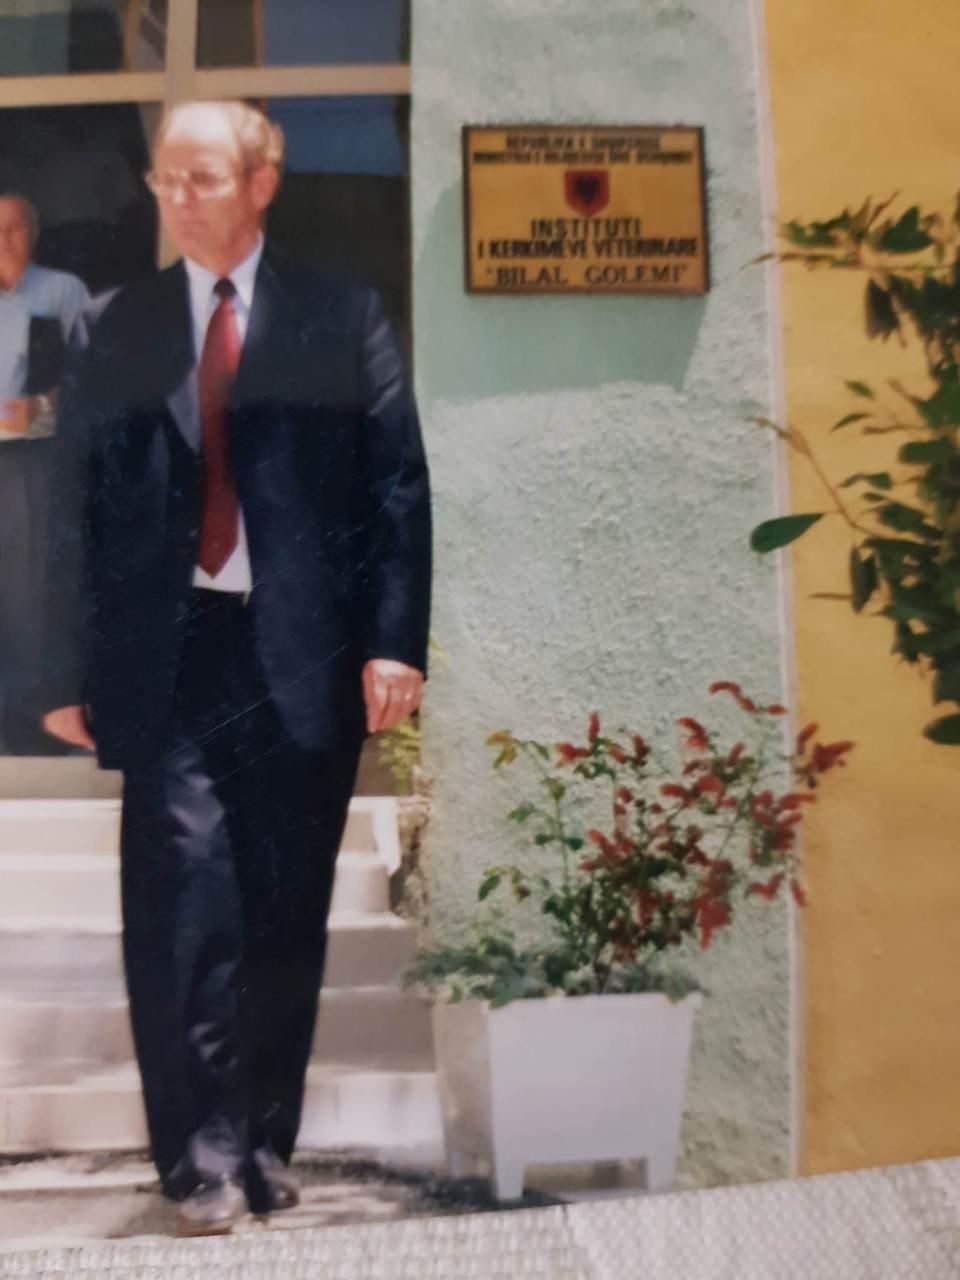 Profesor Kristaq Berxholi Momente gjate venies se emrit Dr Bilal Golemi